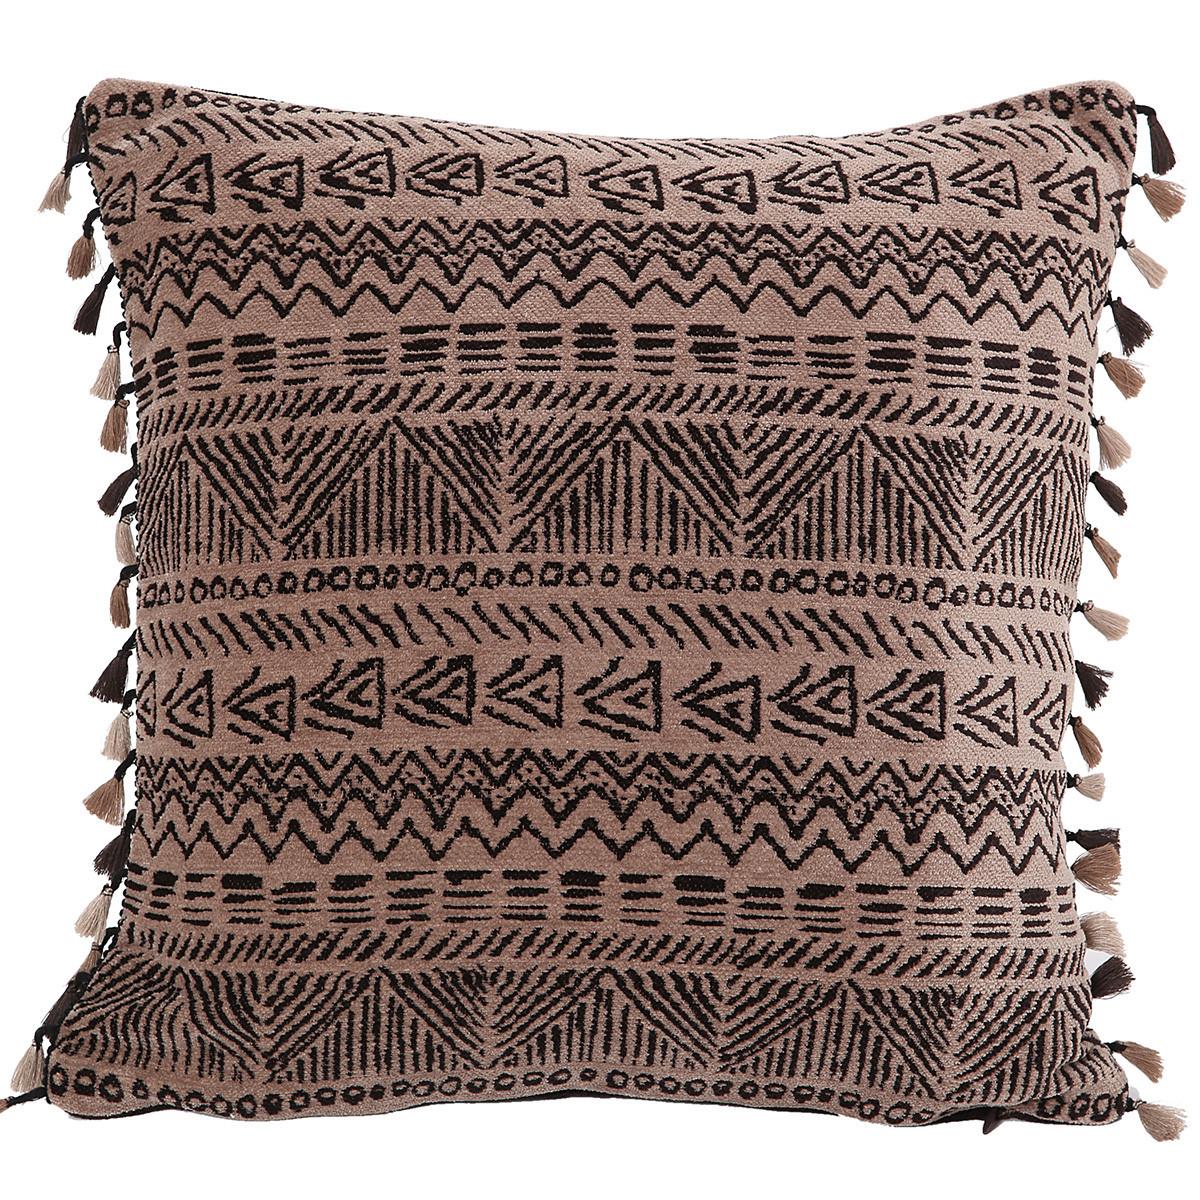 Διακοσμητικό Μαξιλάρι Με Φουντάκια Nef-Nef Africa Beige/Brown